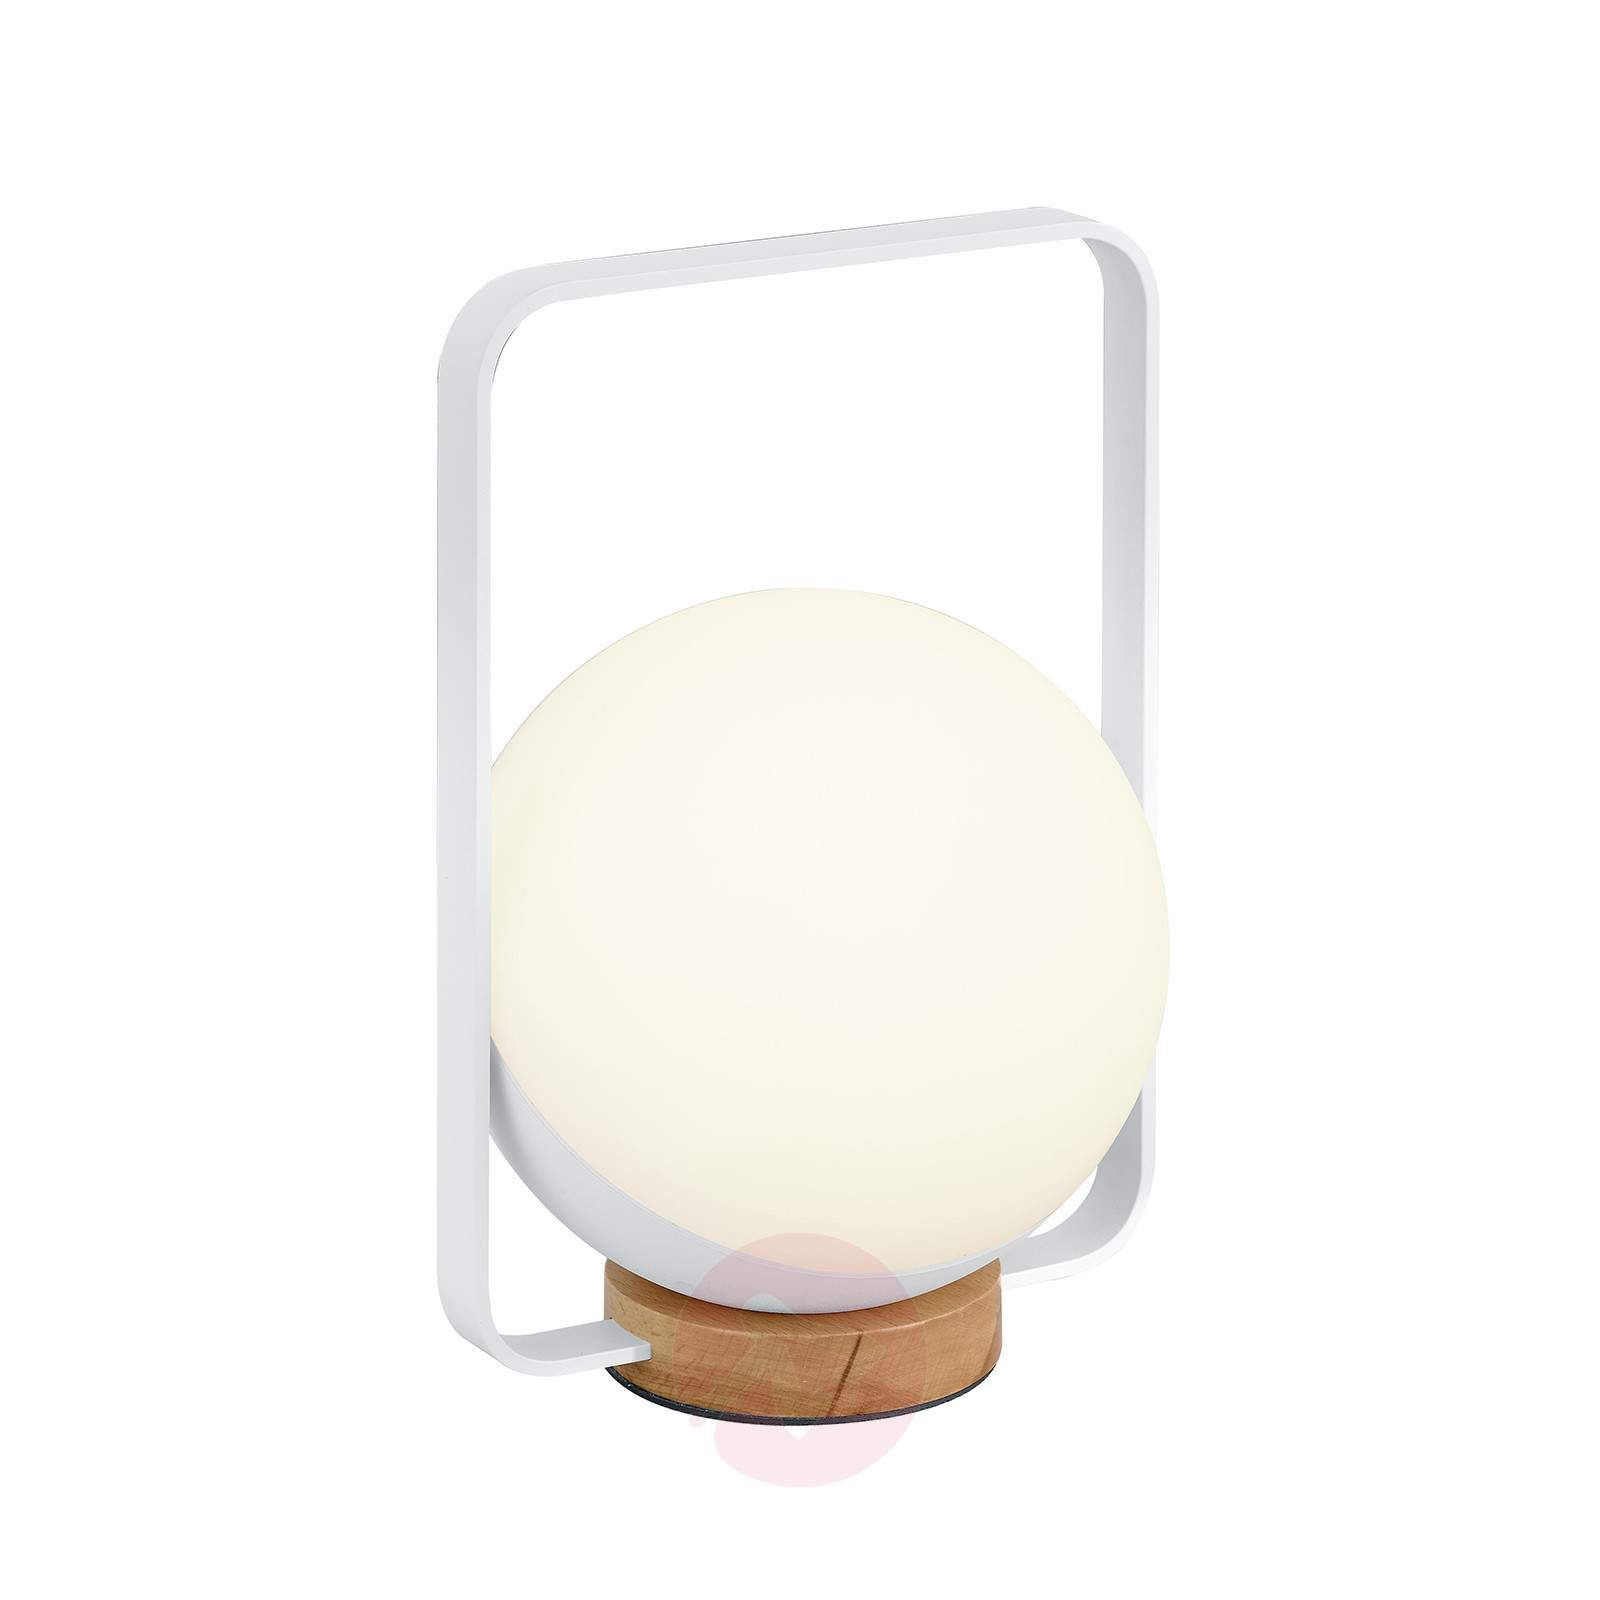 B Leuchten Jones Led Tischlampe Mit Akku Und Bugel In 2020 Led Tischlampe Tischlampen Lampe